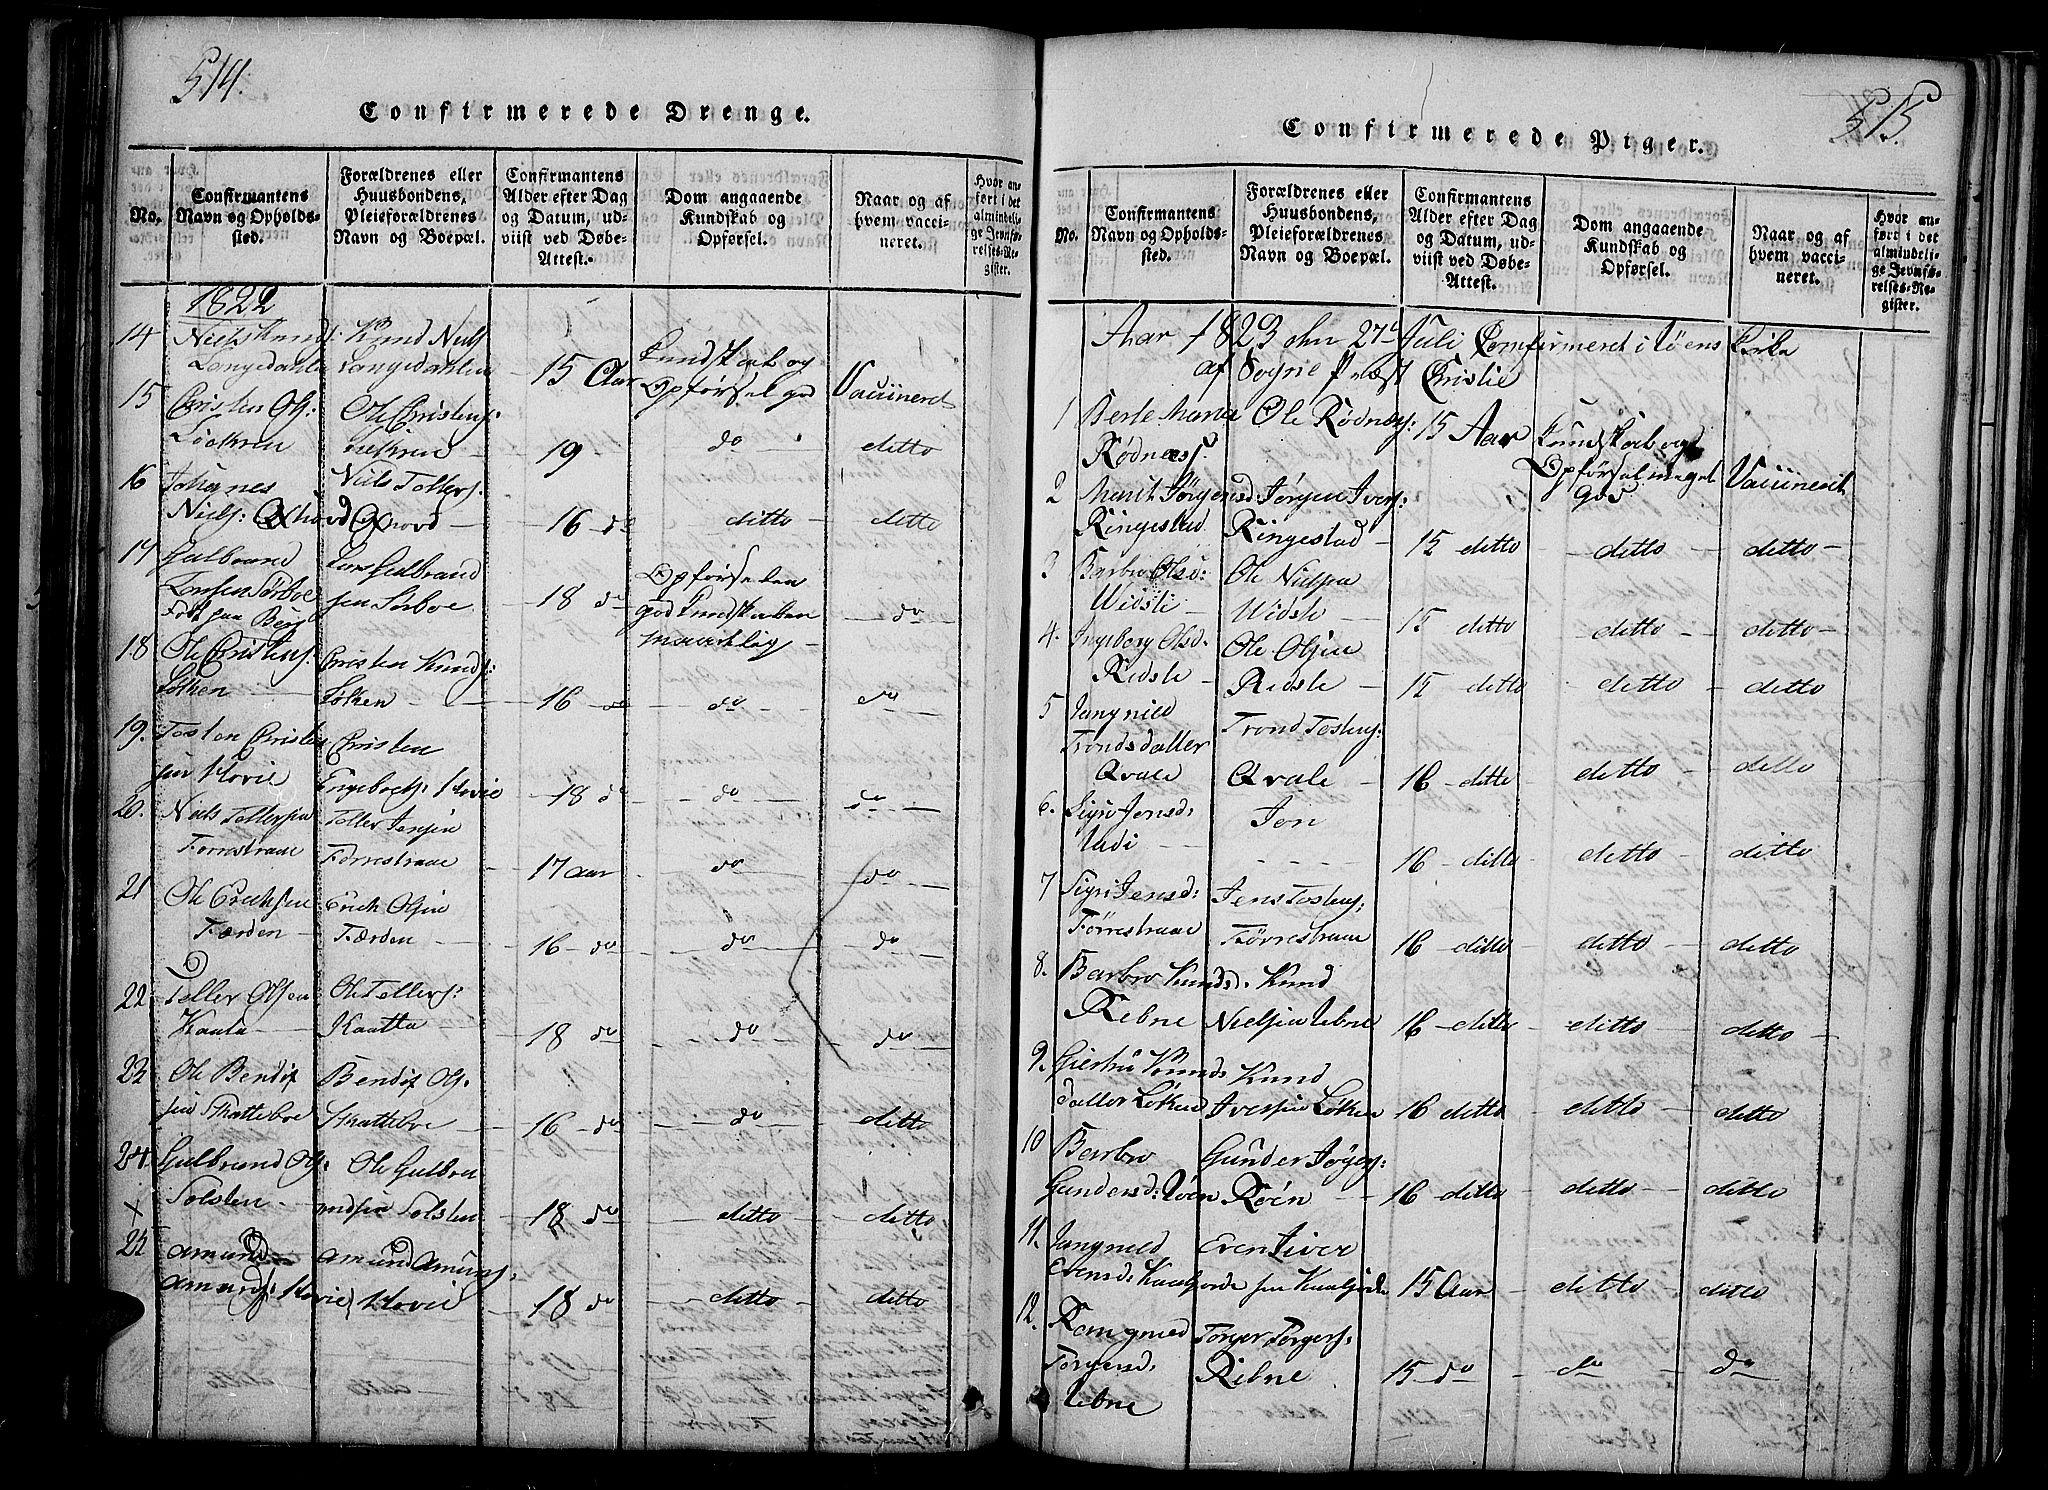 SAH, Slidre prestekontor, Ministerialbok nr. 2, 1814-1830, s. 514-515